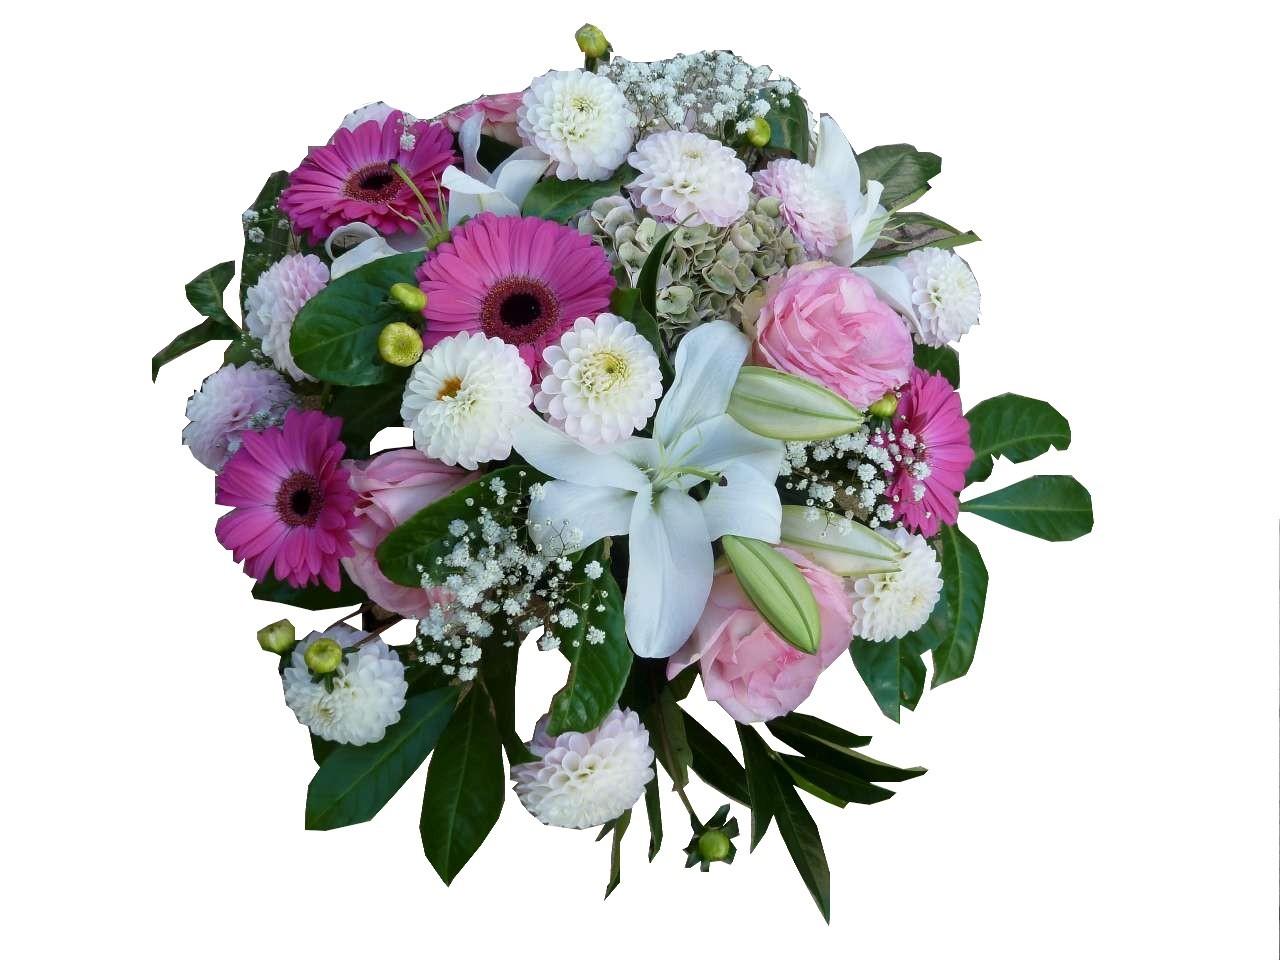 Lyon livraison de fleurs sur la r gion de lyon oullins for Livraison fleurs lyon